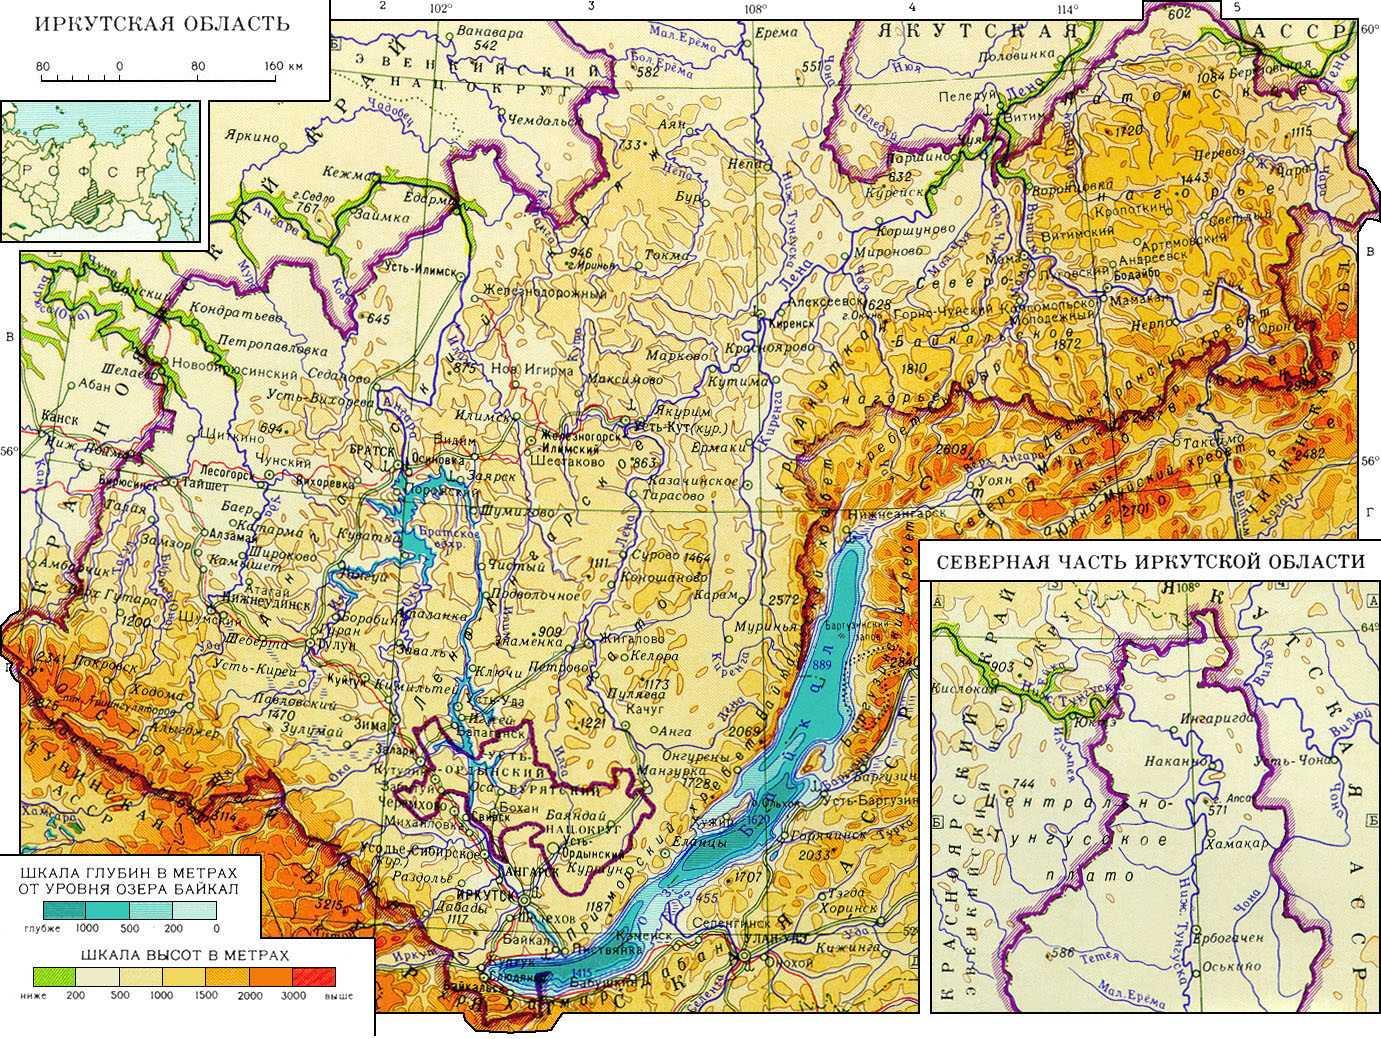 Фото реки лены на карте